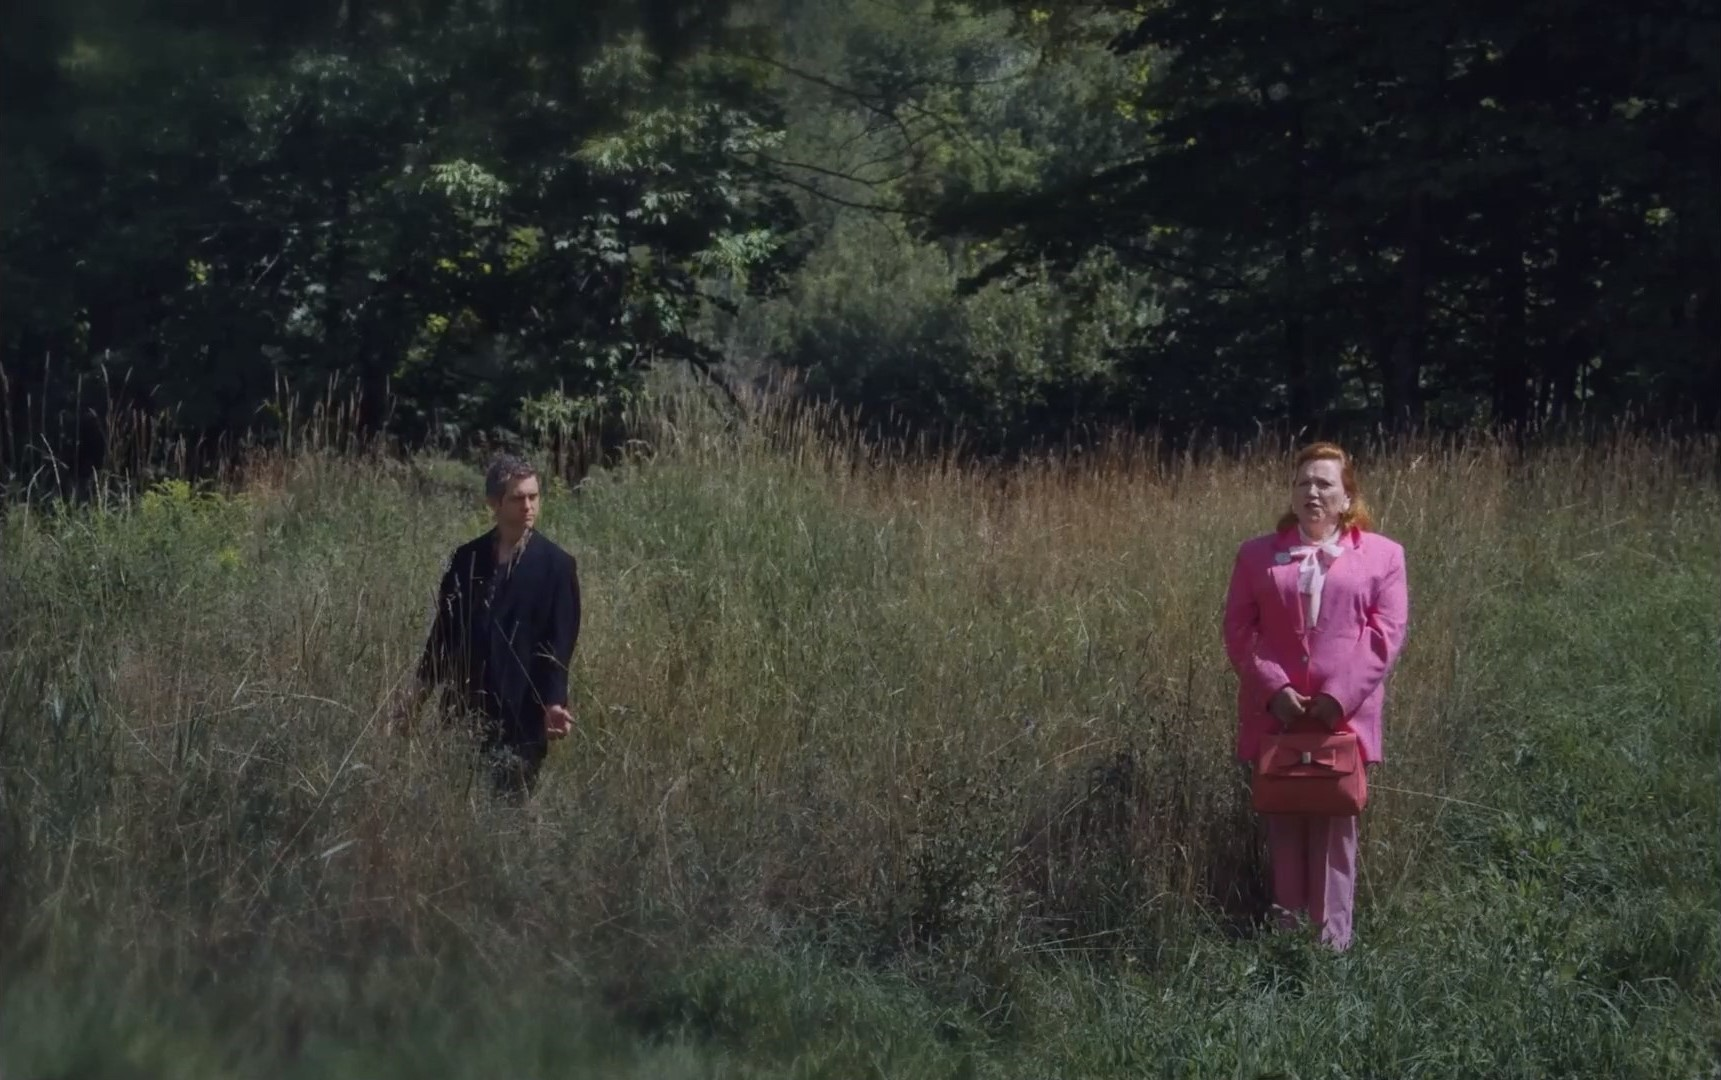 Cena do filme Higiene Social exibe um homem e uma mulher, brancos, parados no meio de uma grama alta. O homem, à esquerda, veste um terno preto e tem cabelo loiro curto. A mulher à direita, mais velha, tem cabelo ruivo comprido e veste um terno rosa. Carrega uma bolsa da mesma cor nas mãos.